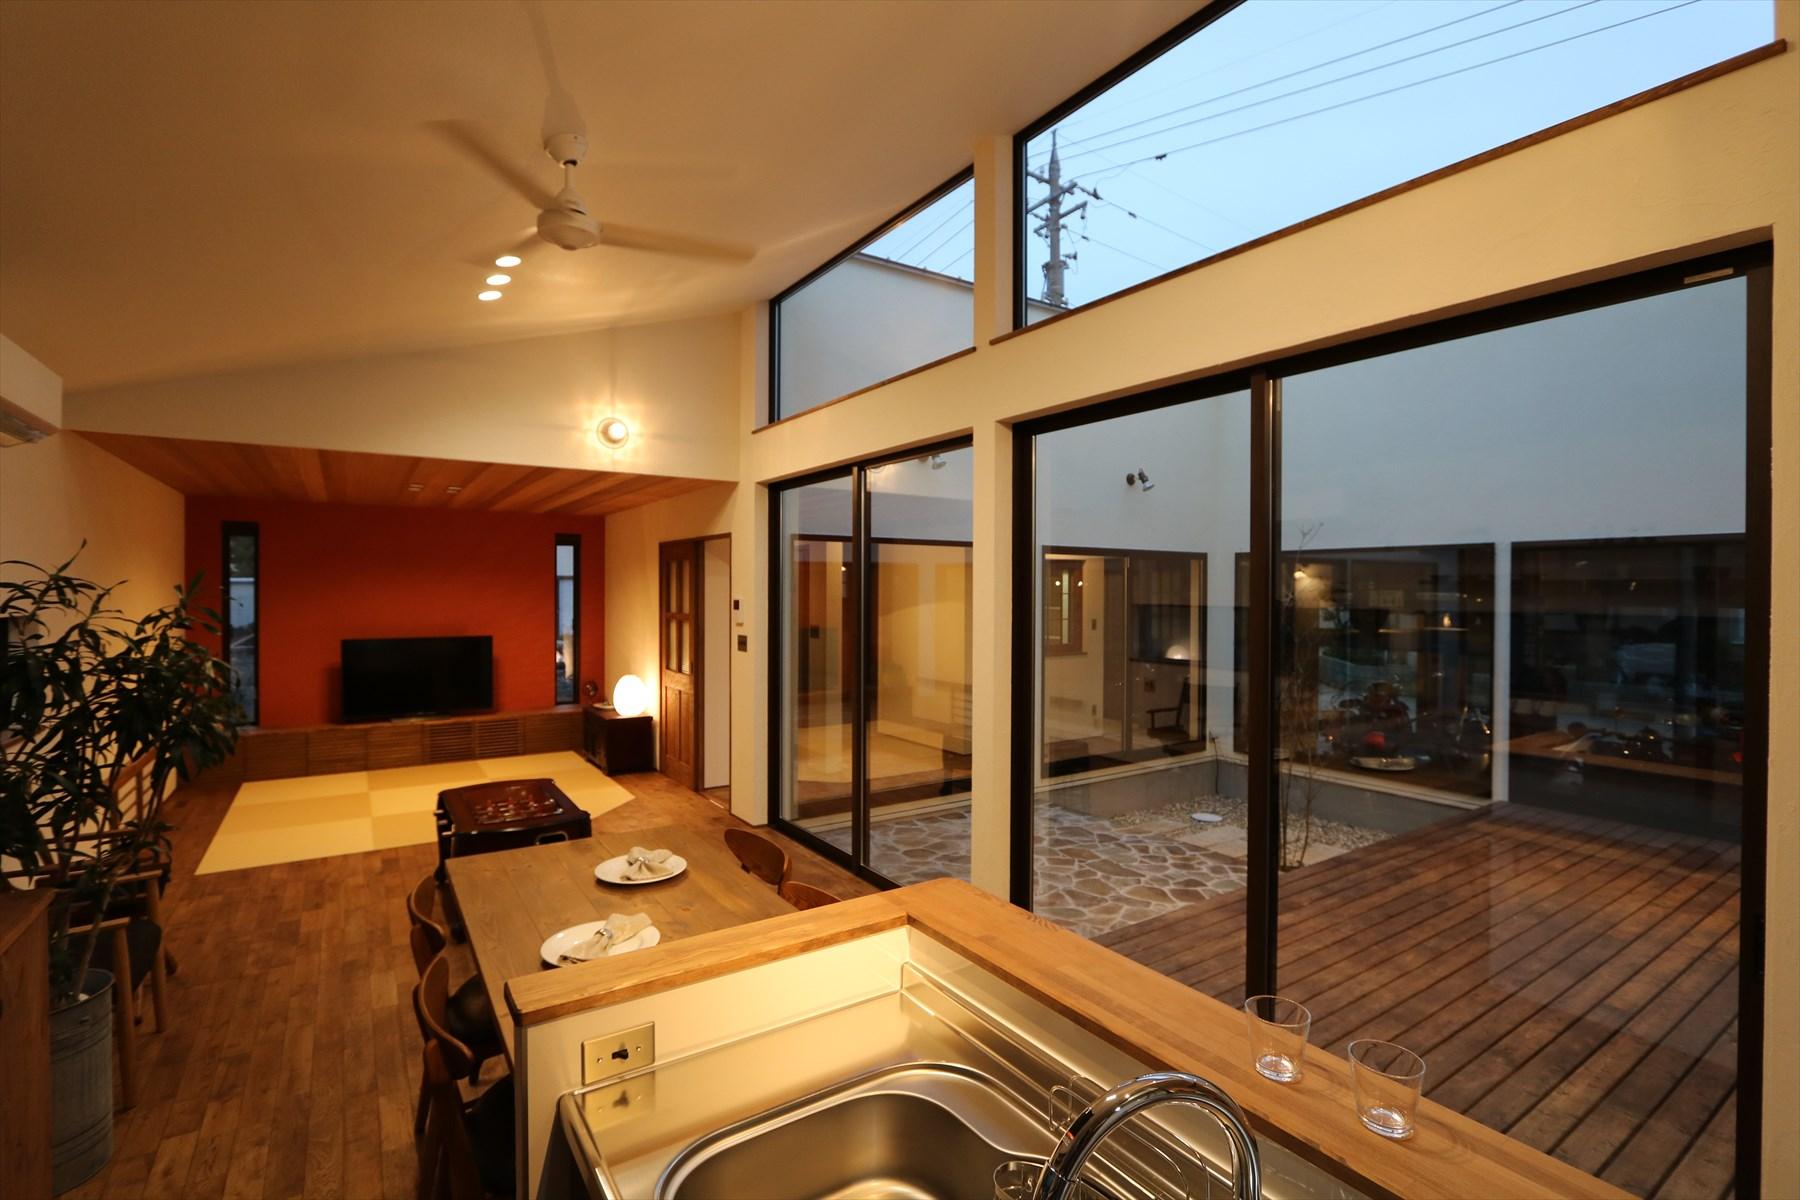 好きな物と暮らす、ロの字型の家|石川県金沢市の注文住宅・デザイン性・新築の家・戸建て|E-HOUSE